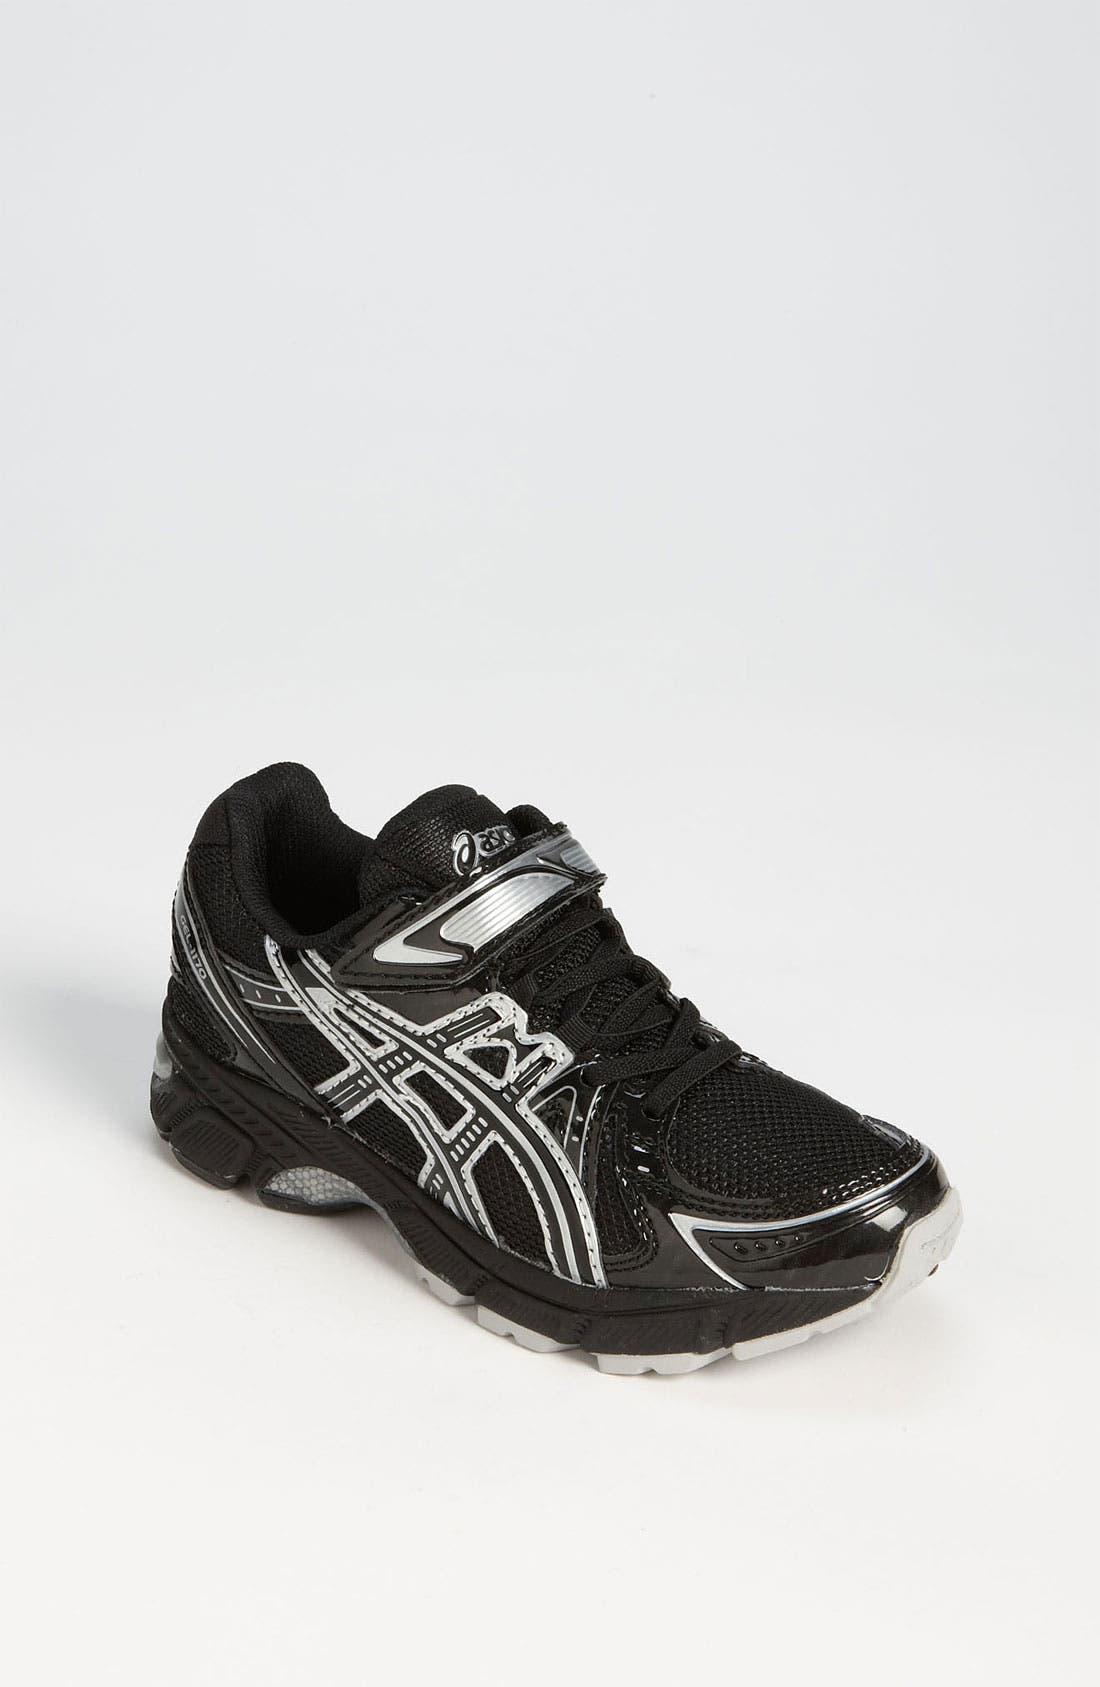 Main Image - ASICS® 'GEL®-1170™' Running Shoe (Toddler, Little Kid & Big Kid)